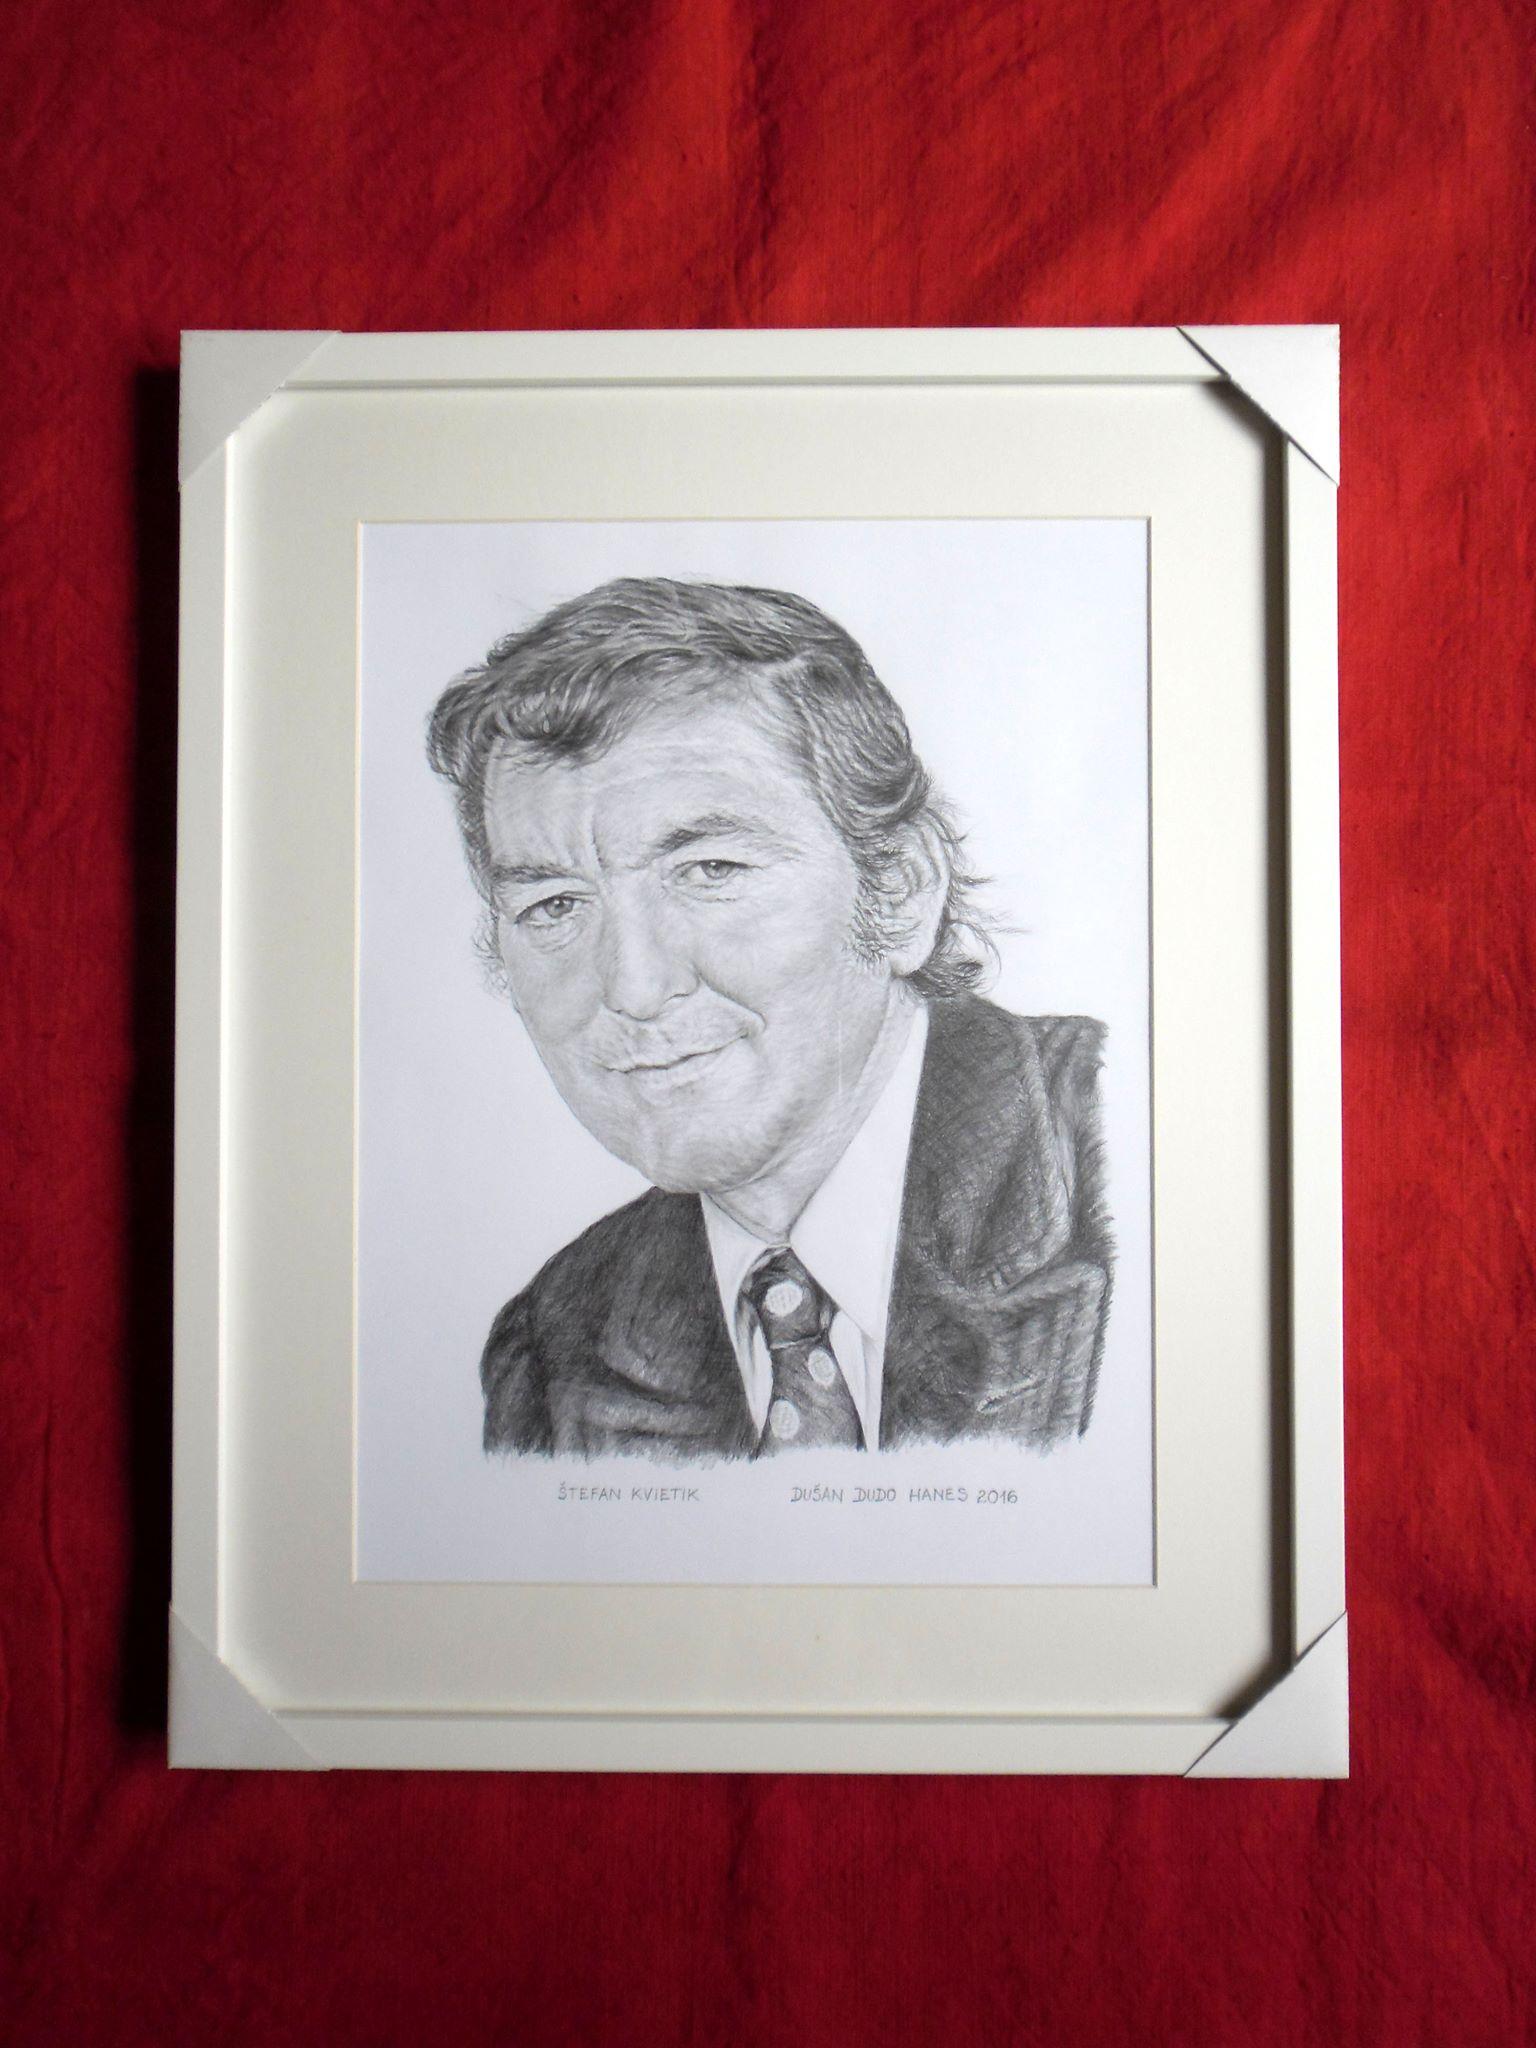 215 - Štefan Kvietik. Portrét v ráme, Dušan Dudo Hanes